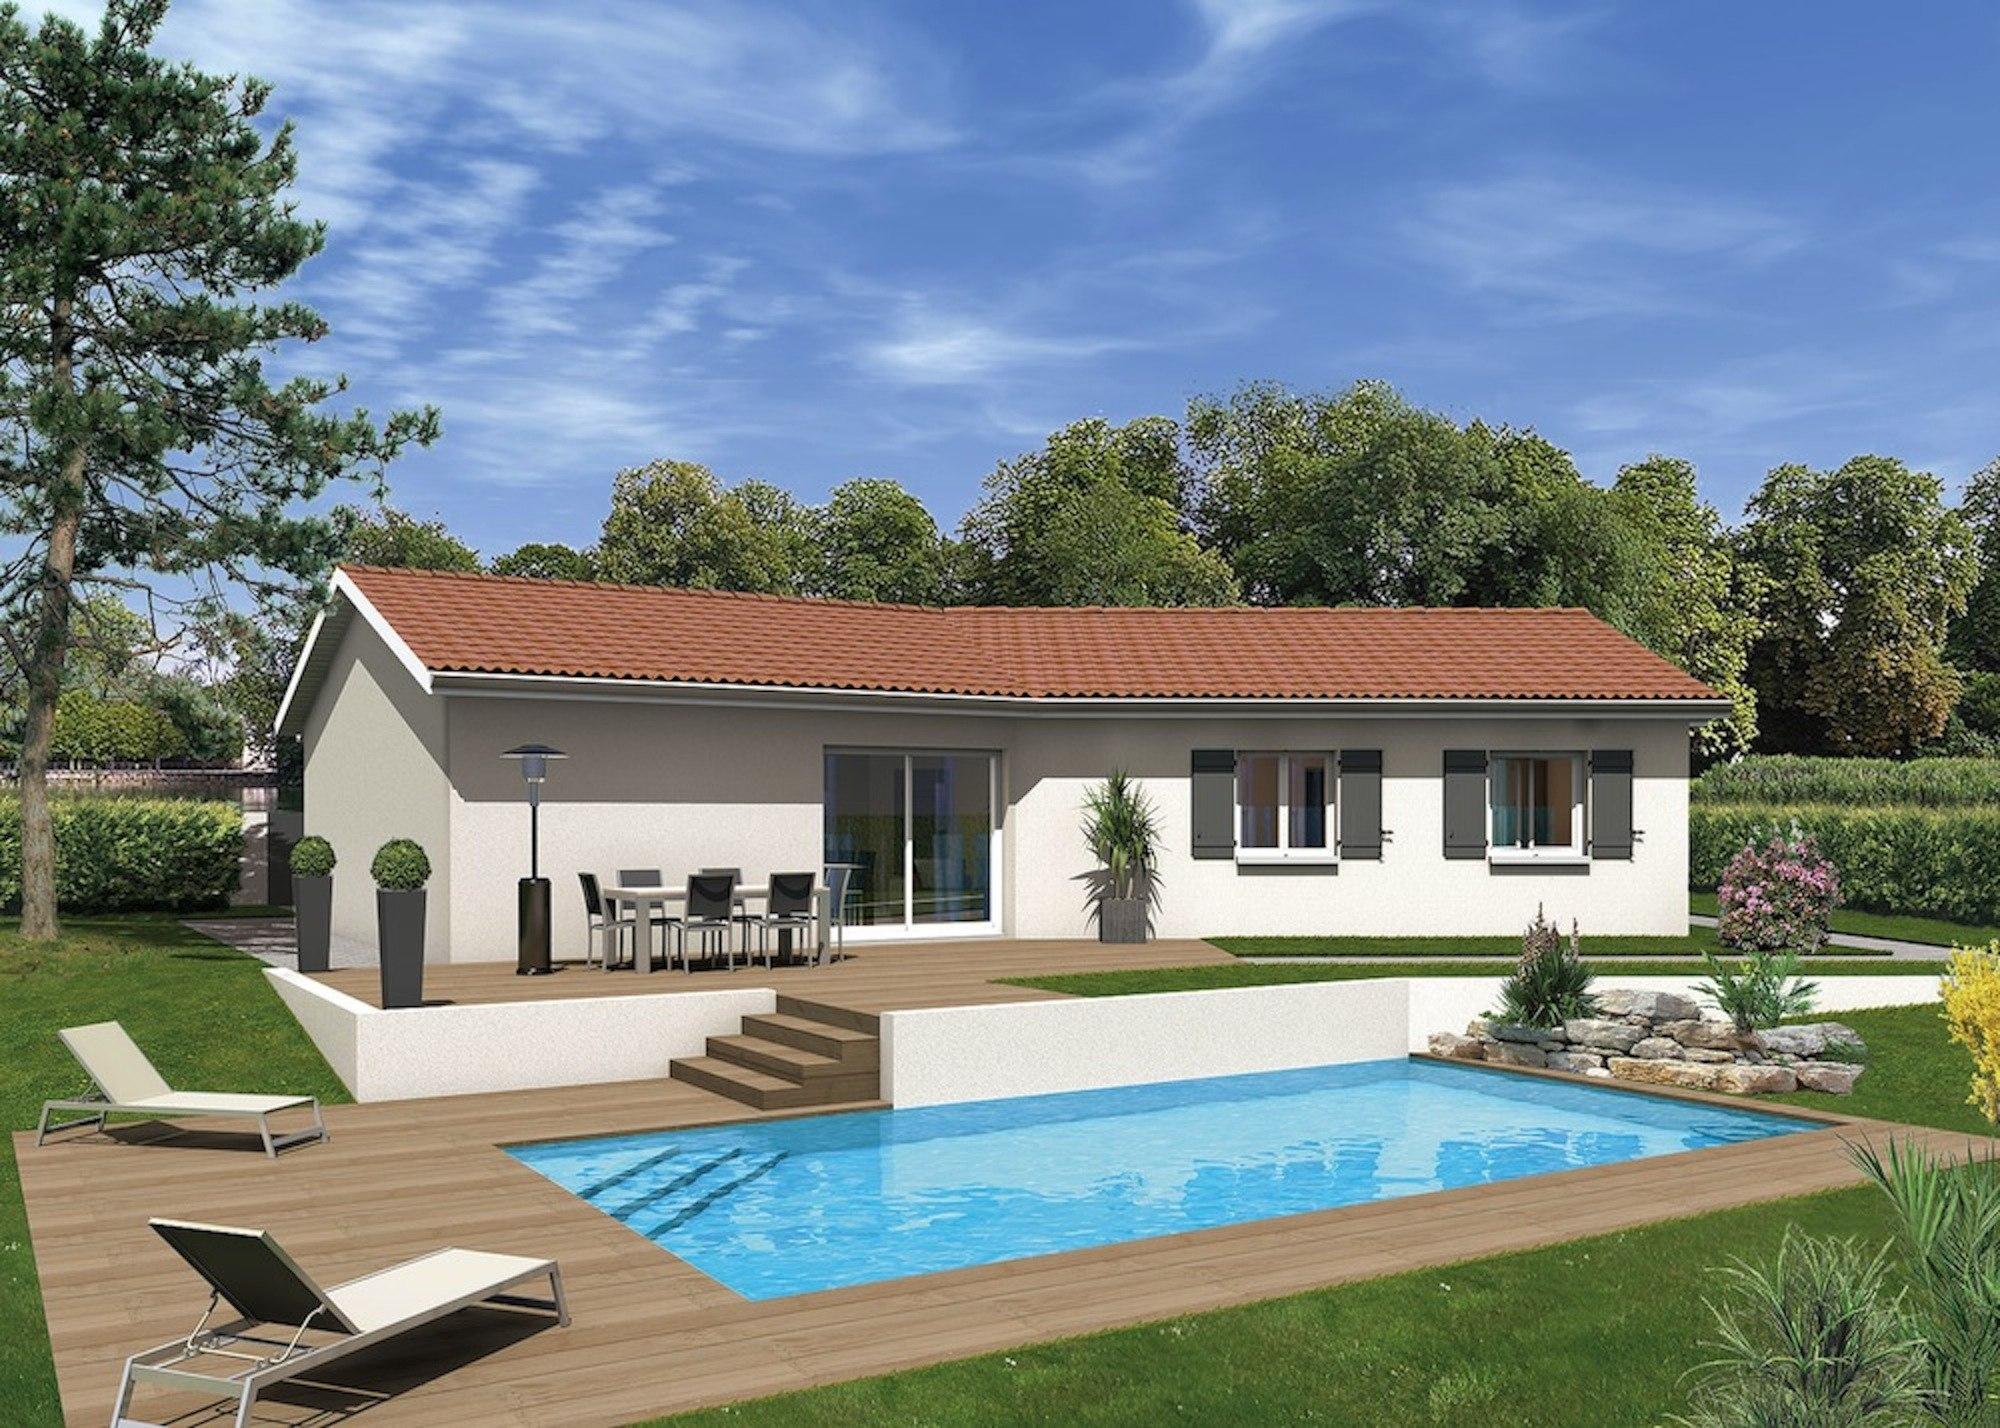 Maisons + Terrains du constructeur MAISONS PUNCH • 86 m² • CLERMAIN